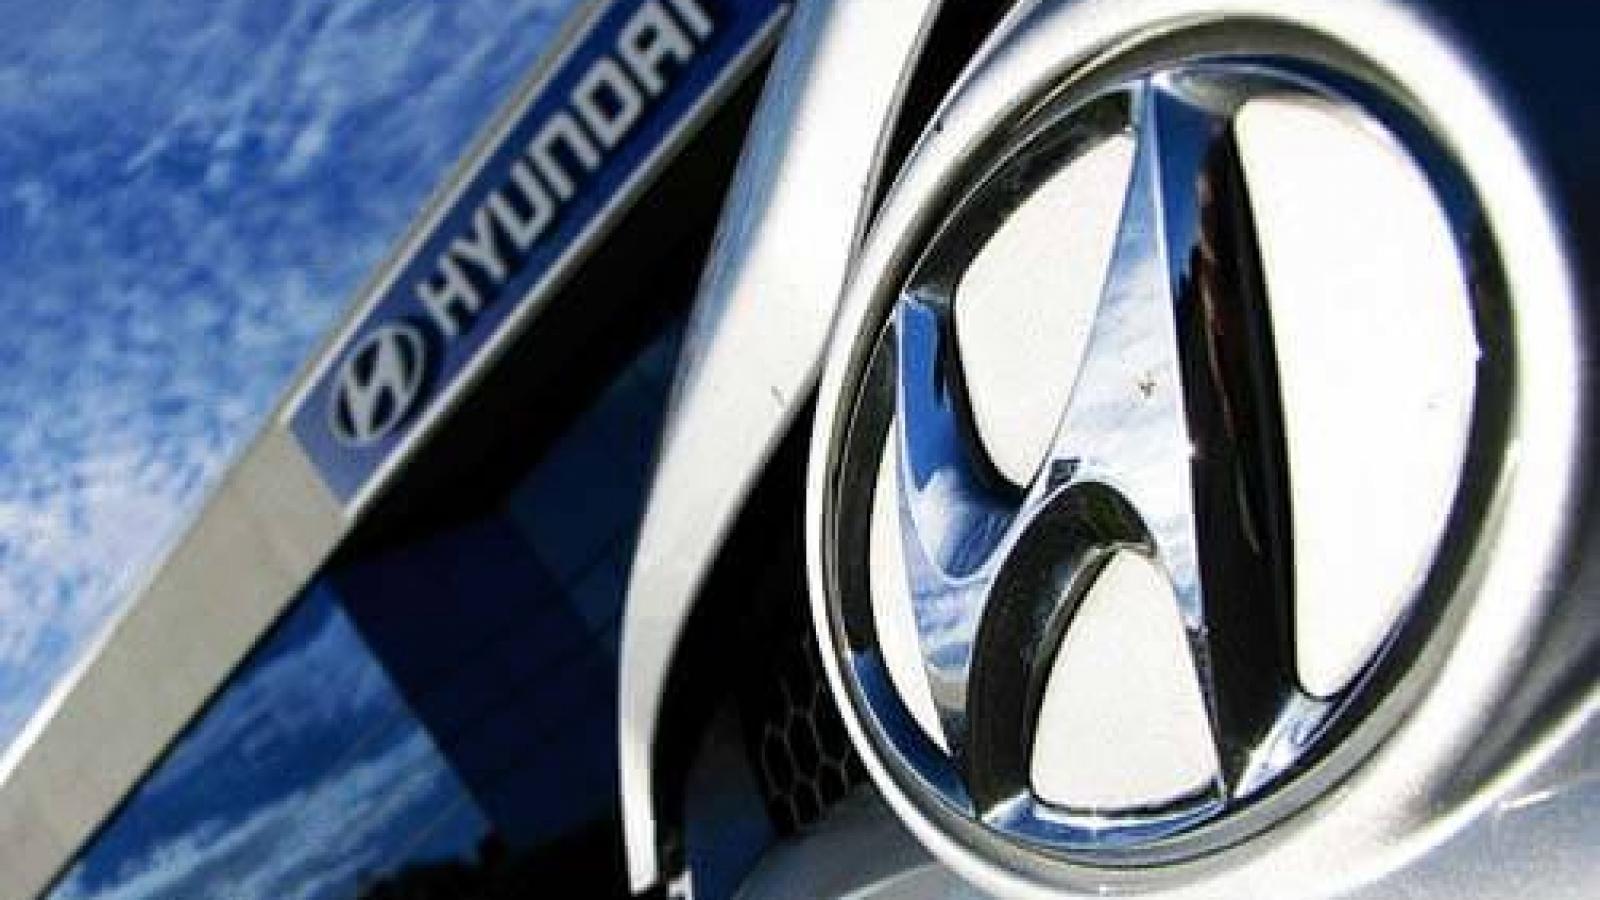 مونتاژ هیوندای در ایران به شرط عدم مشارکت با خودرو سازان ایرانی